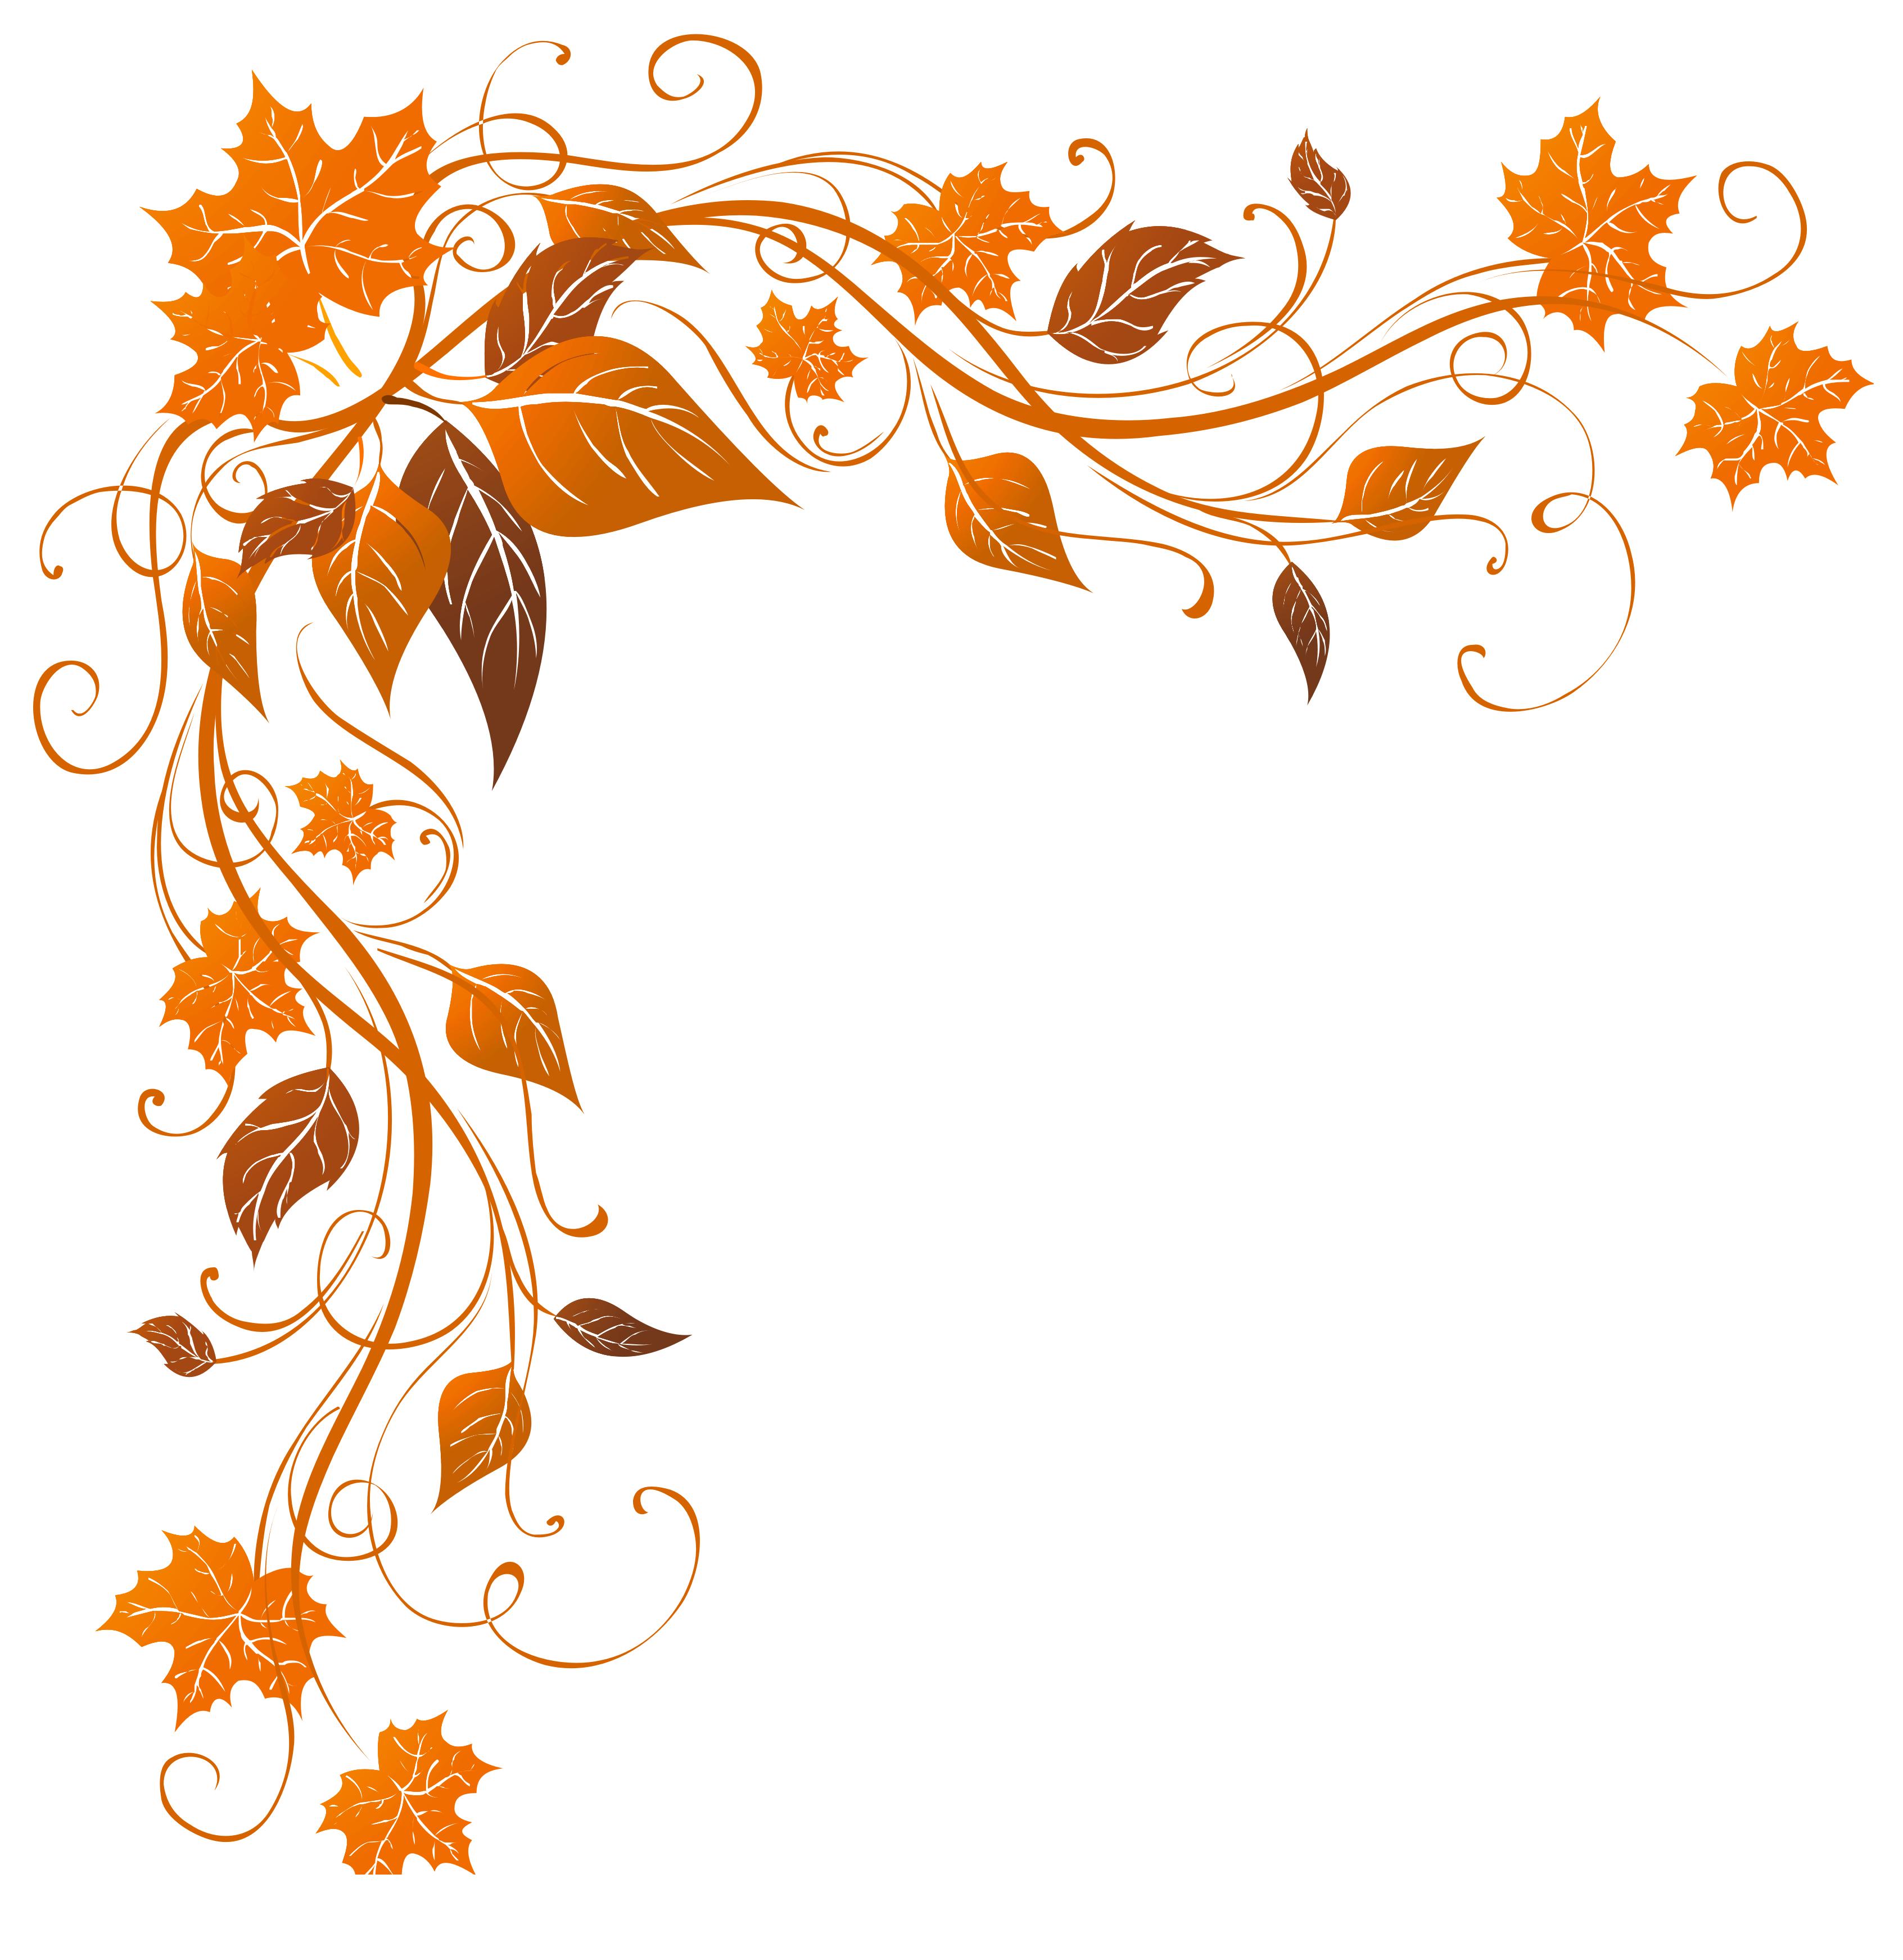 Transparent Autumn Decoration PNG Clipart Image